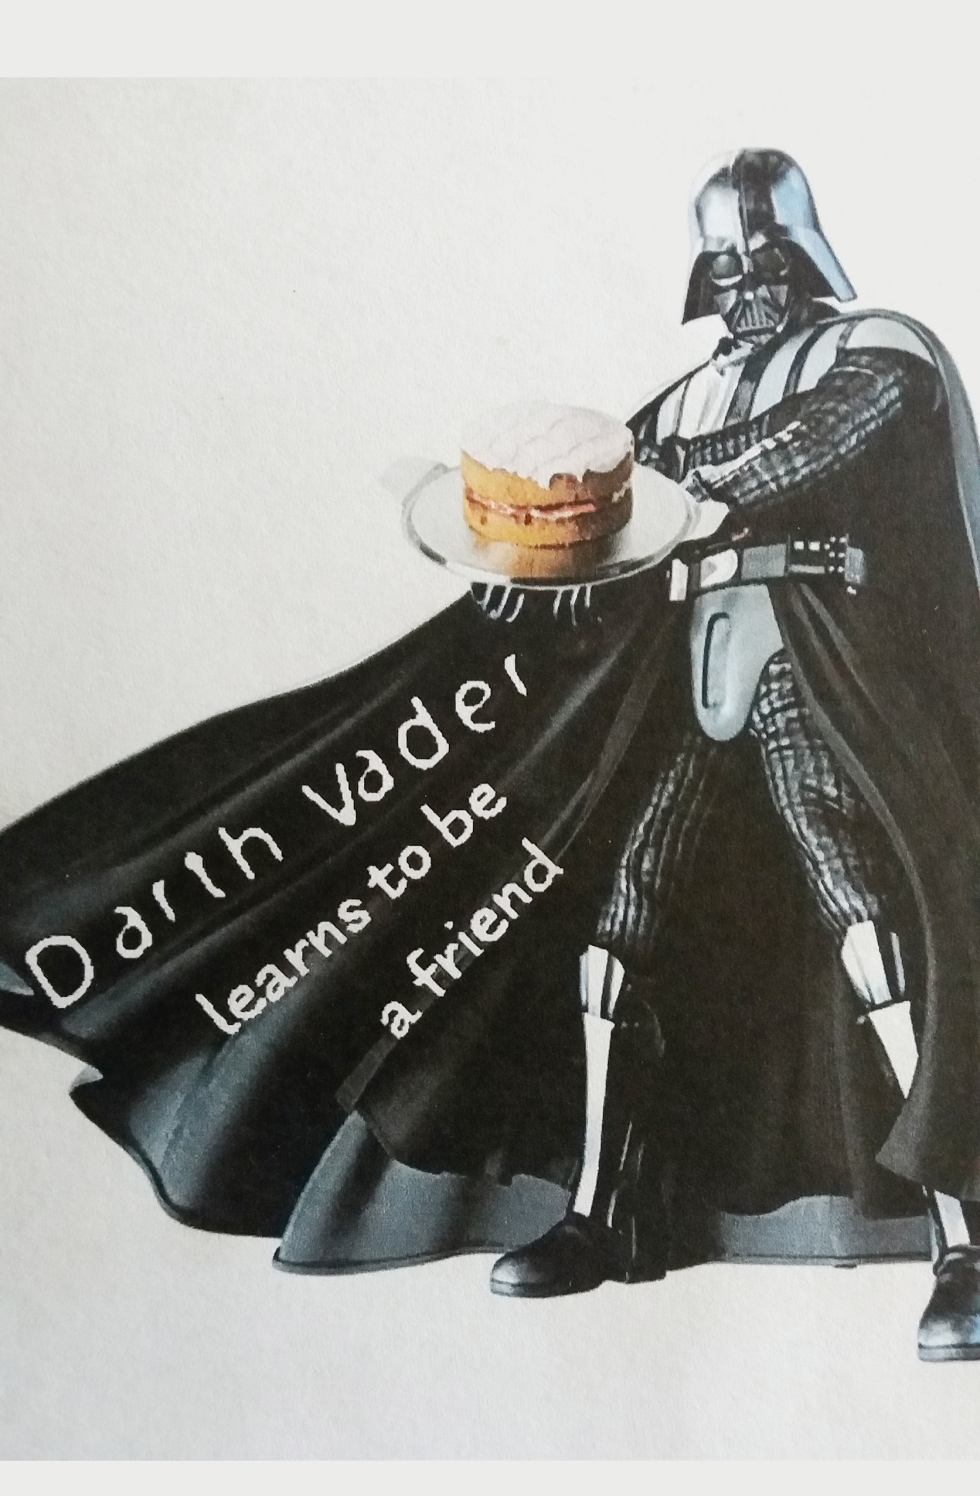 DarthVader cover